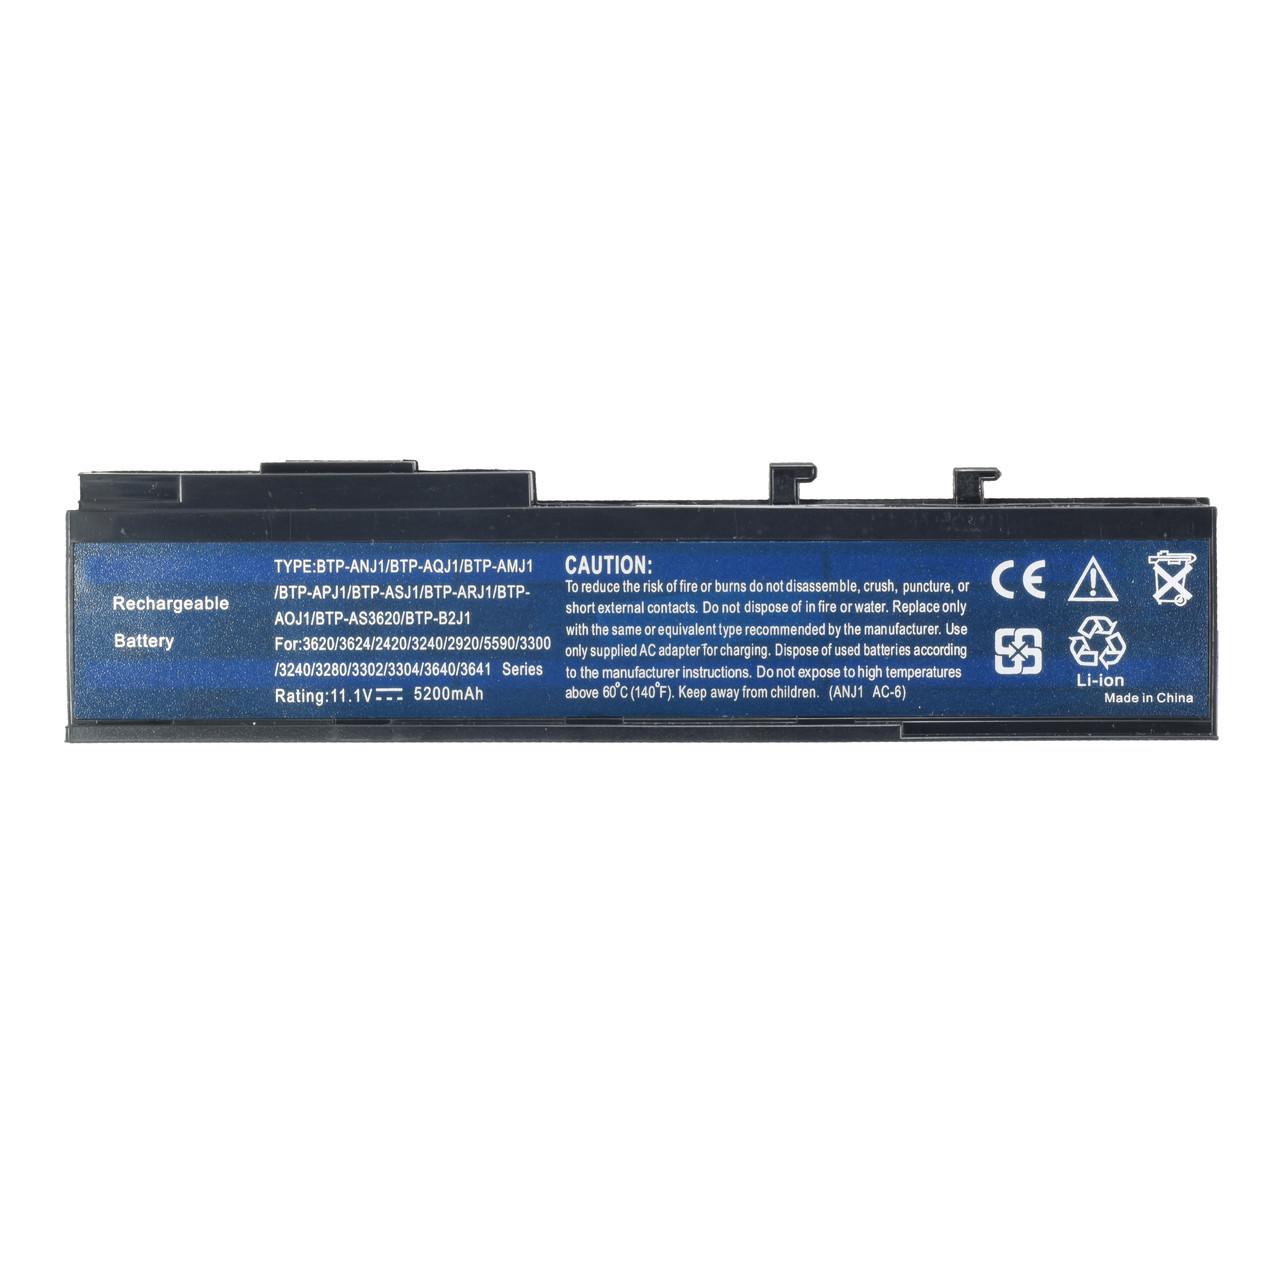 Батарея для ноутбука LC.BTP00.022BTP-ANJ1 LC.BTP01.010 LC.BTP01.011 LC.TG600.001 MS2180 TM07B4